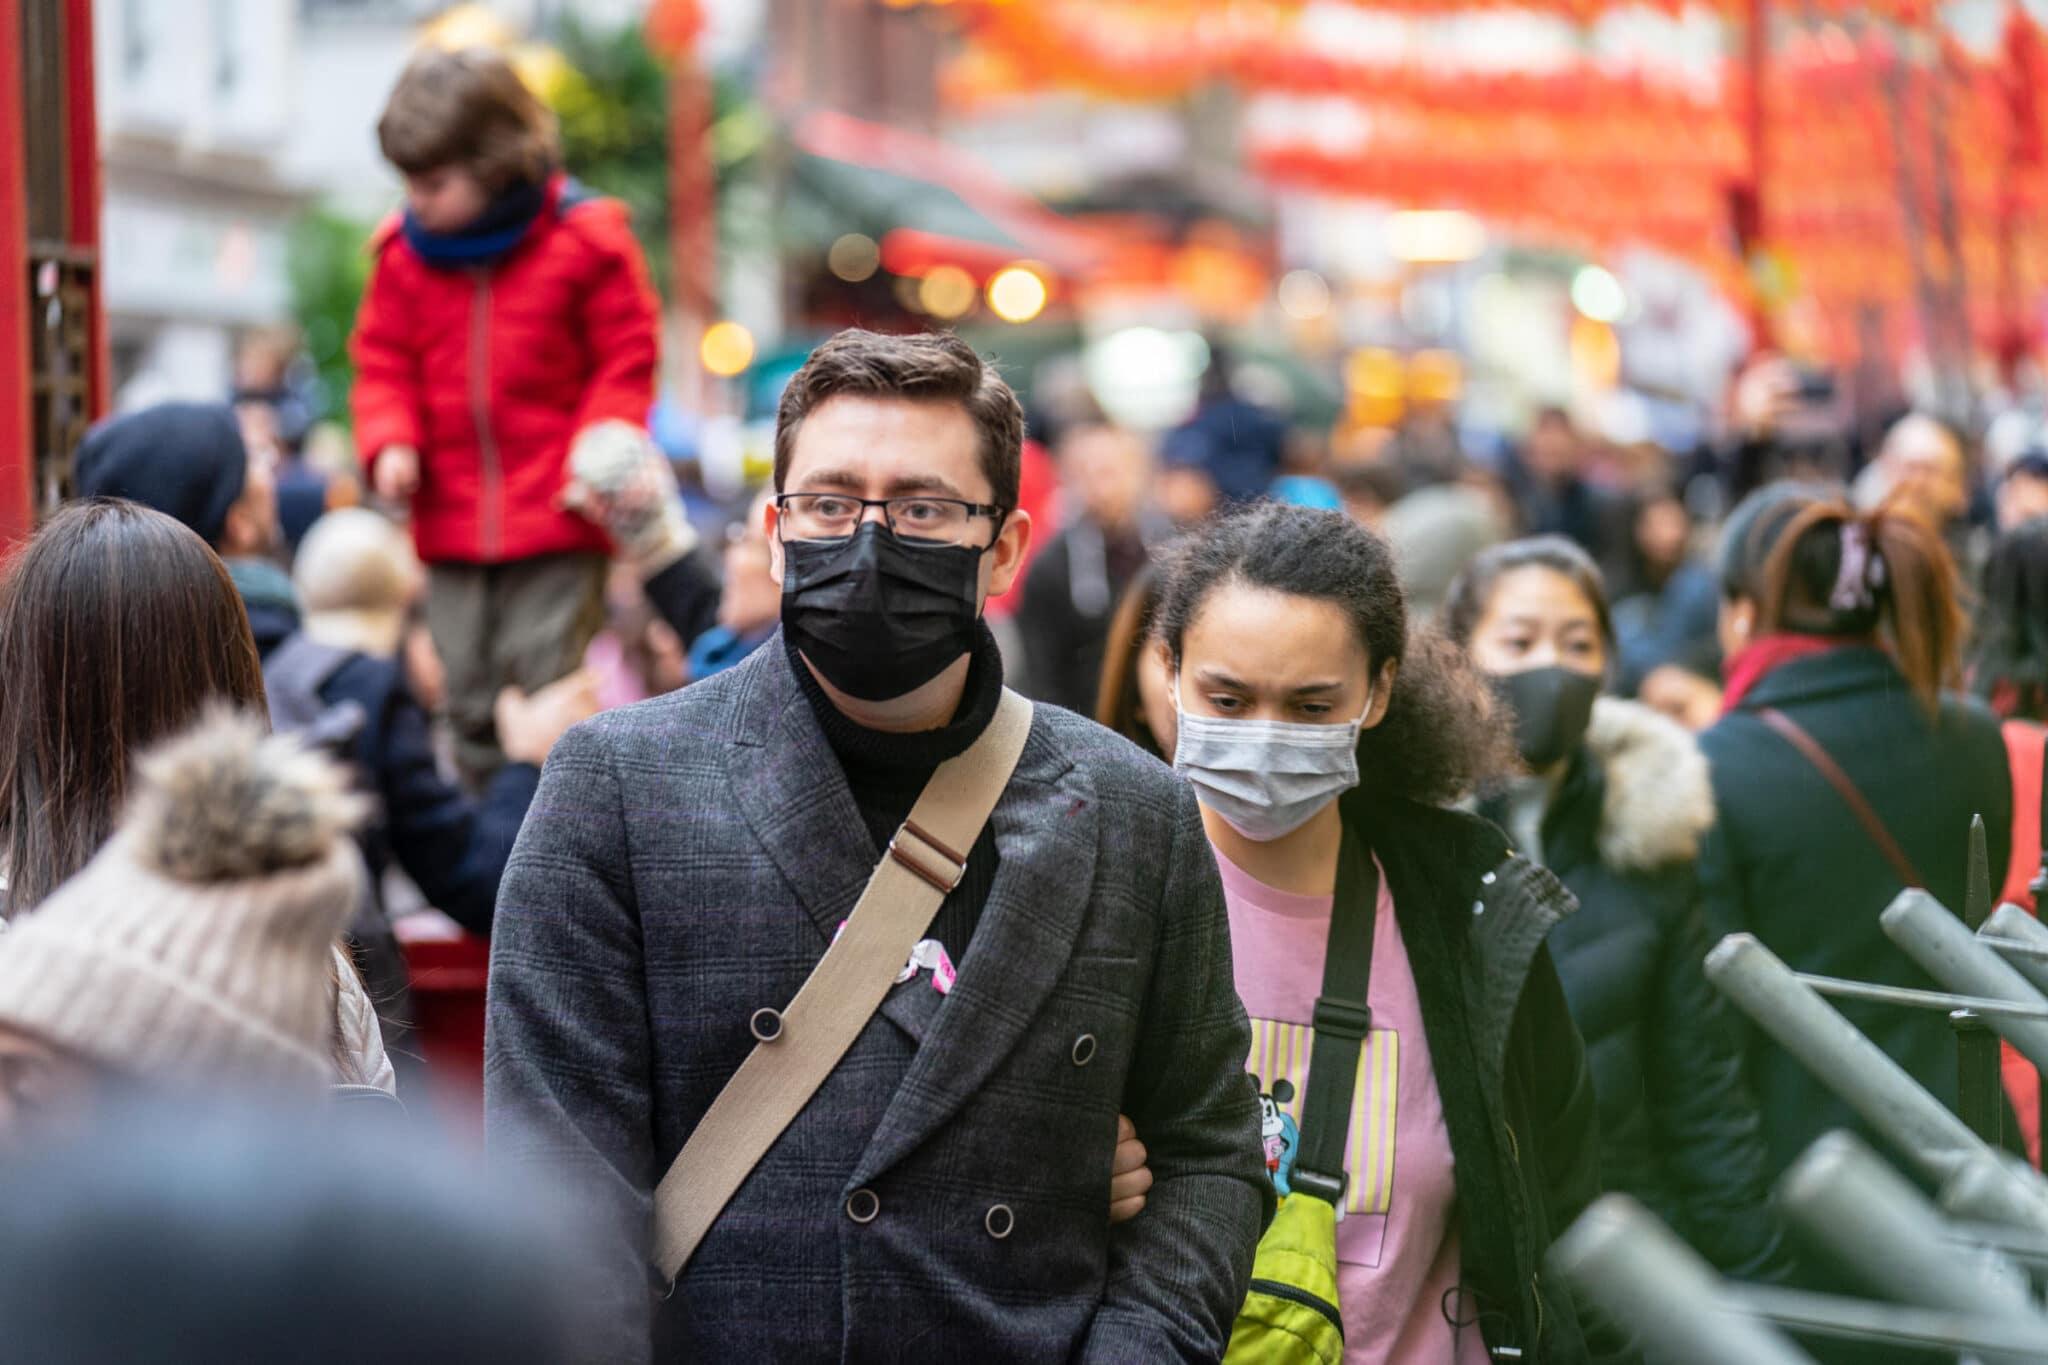 Come le mascherine ci hanno peggiorato la vita.<br> E non ce ne libereremo.<br> Comunicare è ormai impossibile